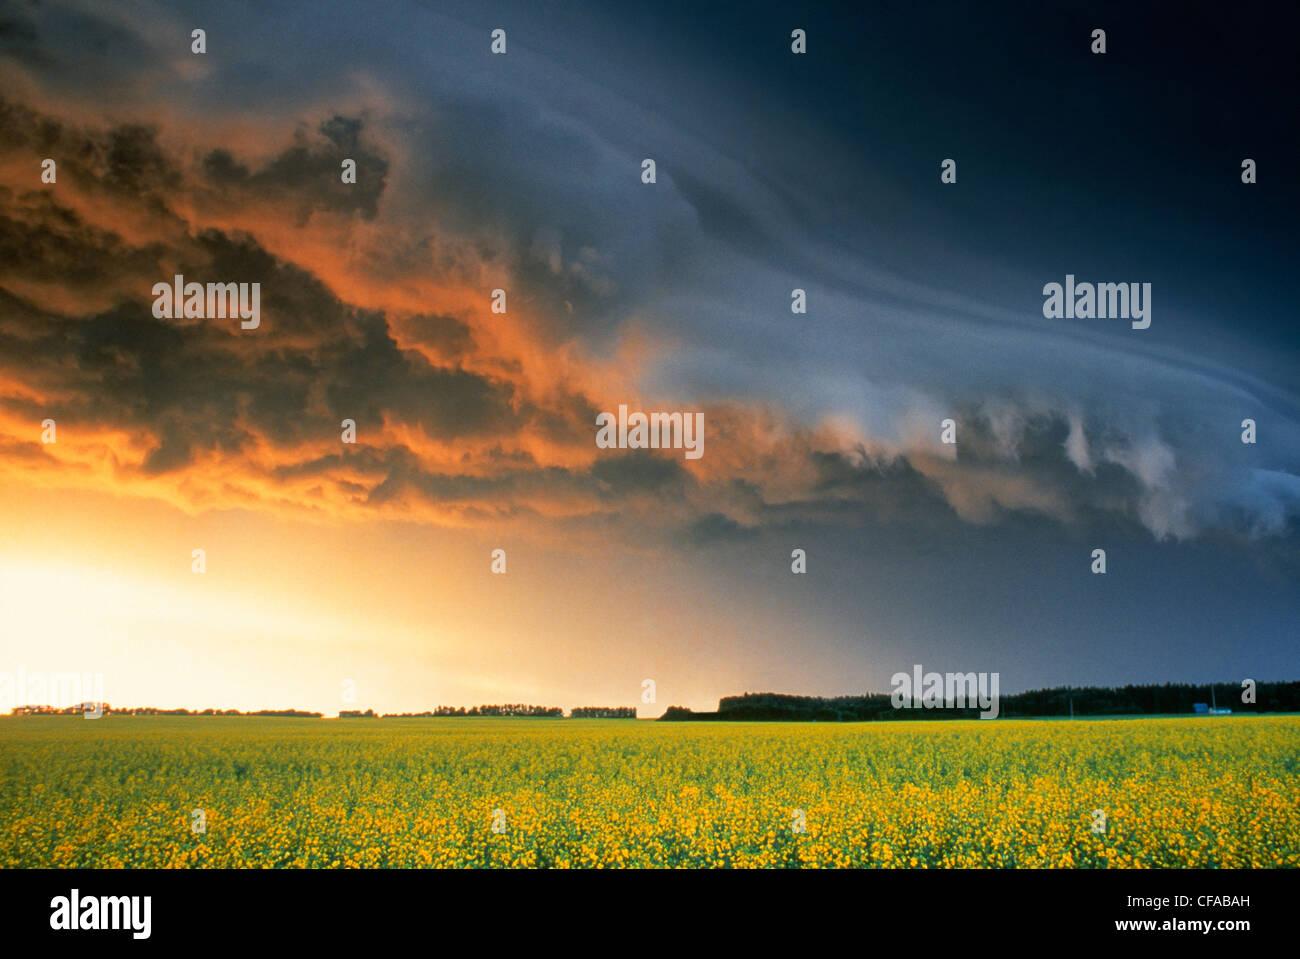 La Canola e nuvole temporalesche vicino Glenboro, Manitoba, Canada. Immagini Stock